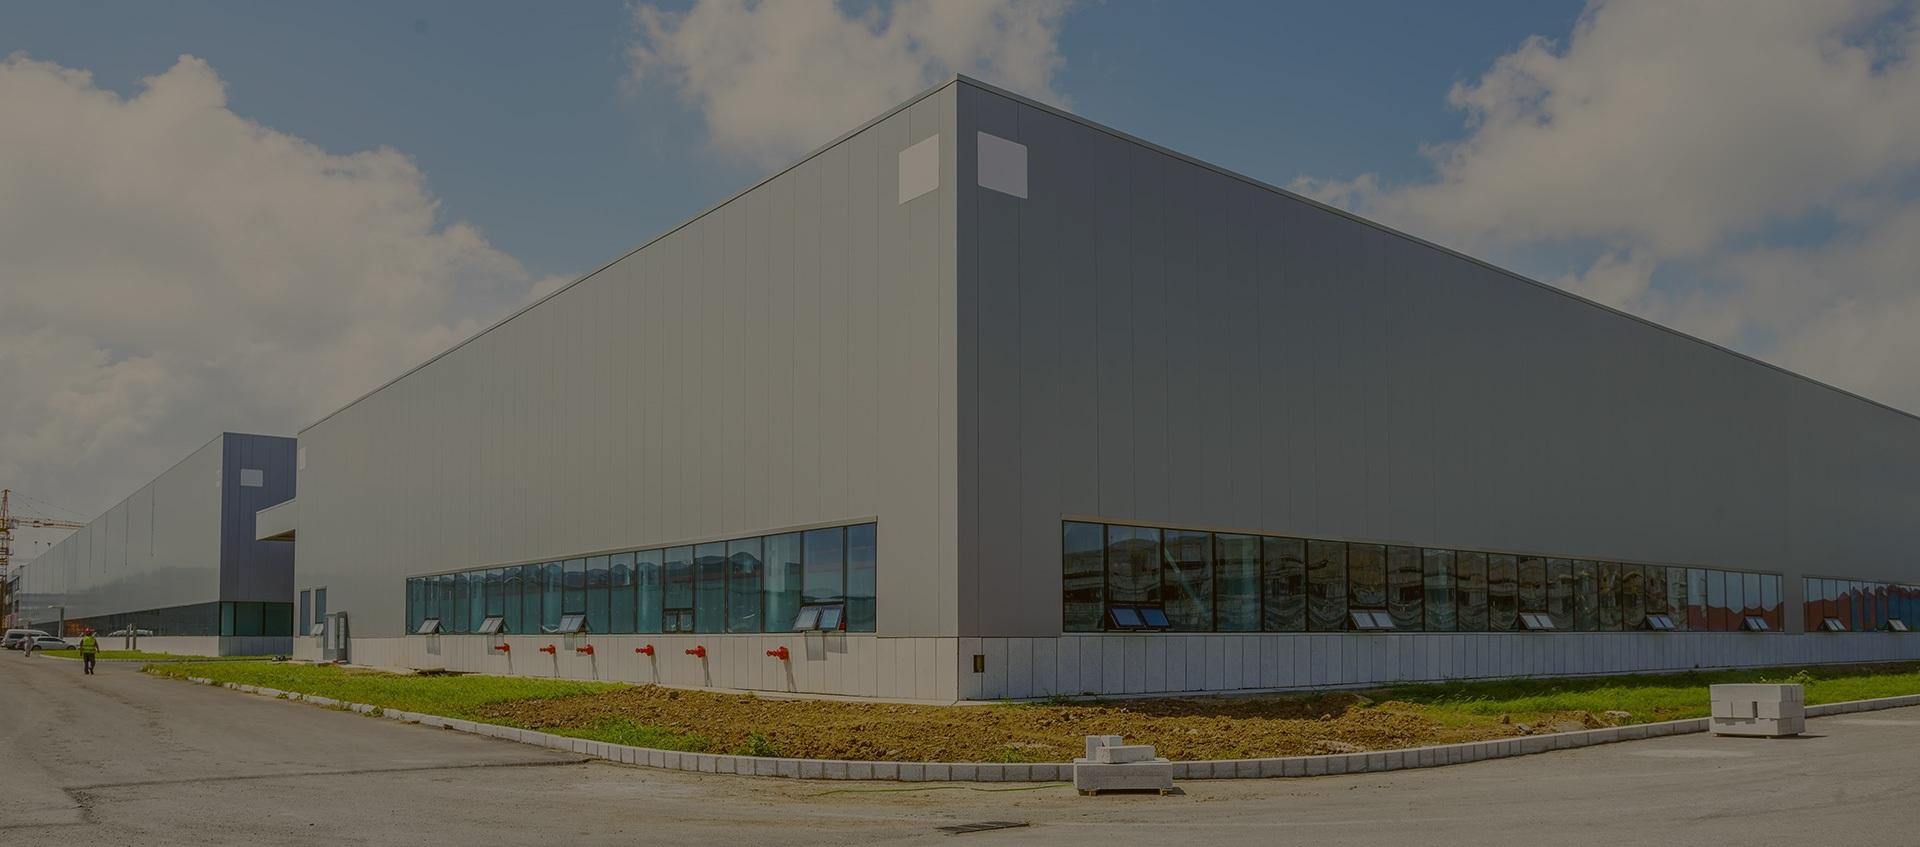 大型生产基地· 供货周期更快速